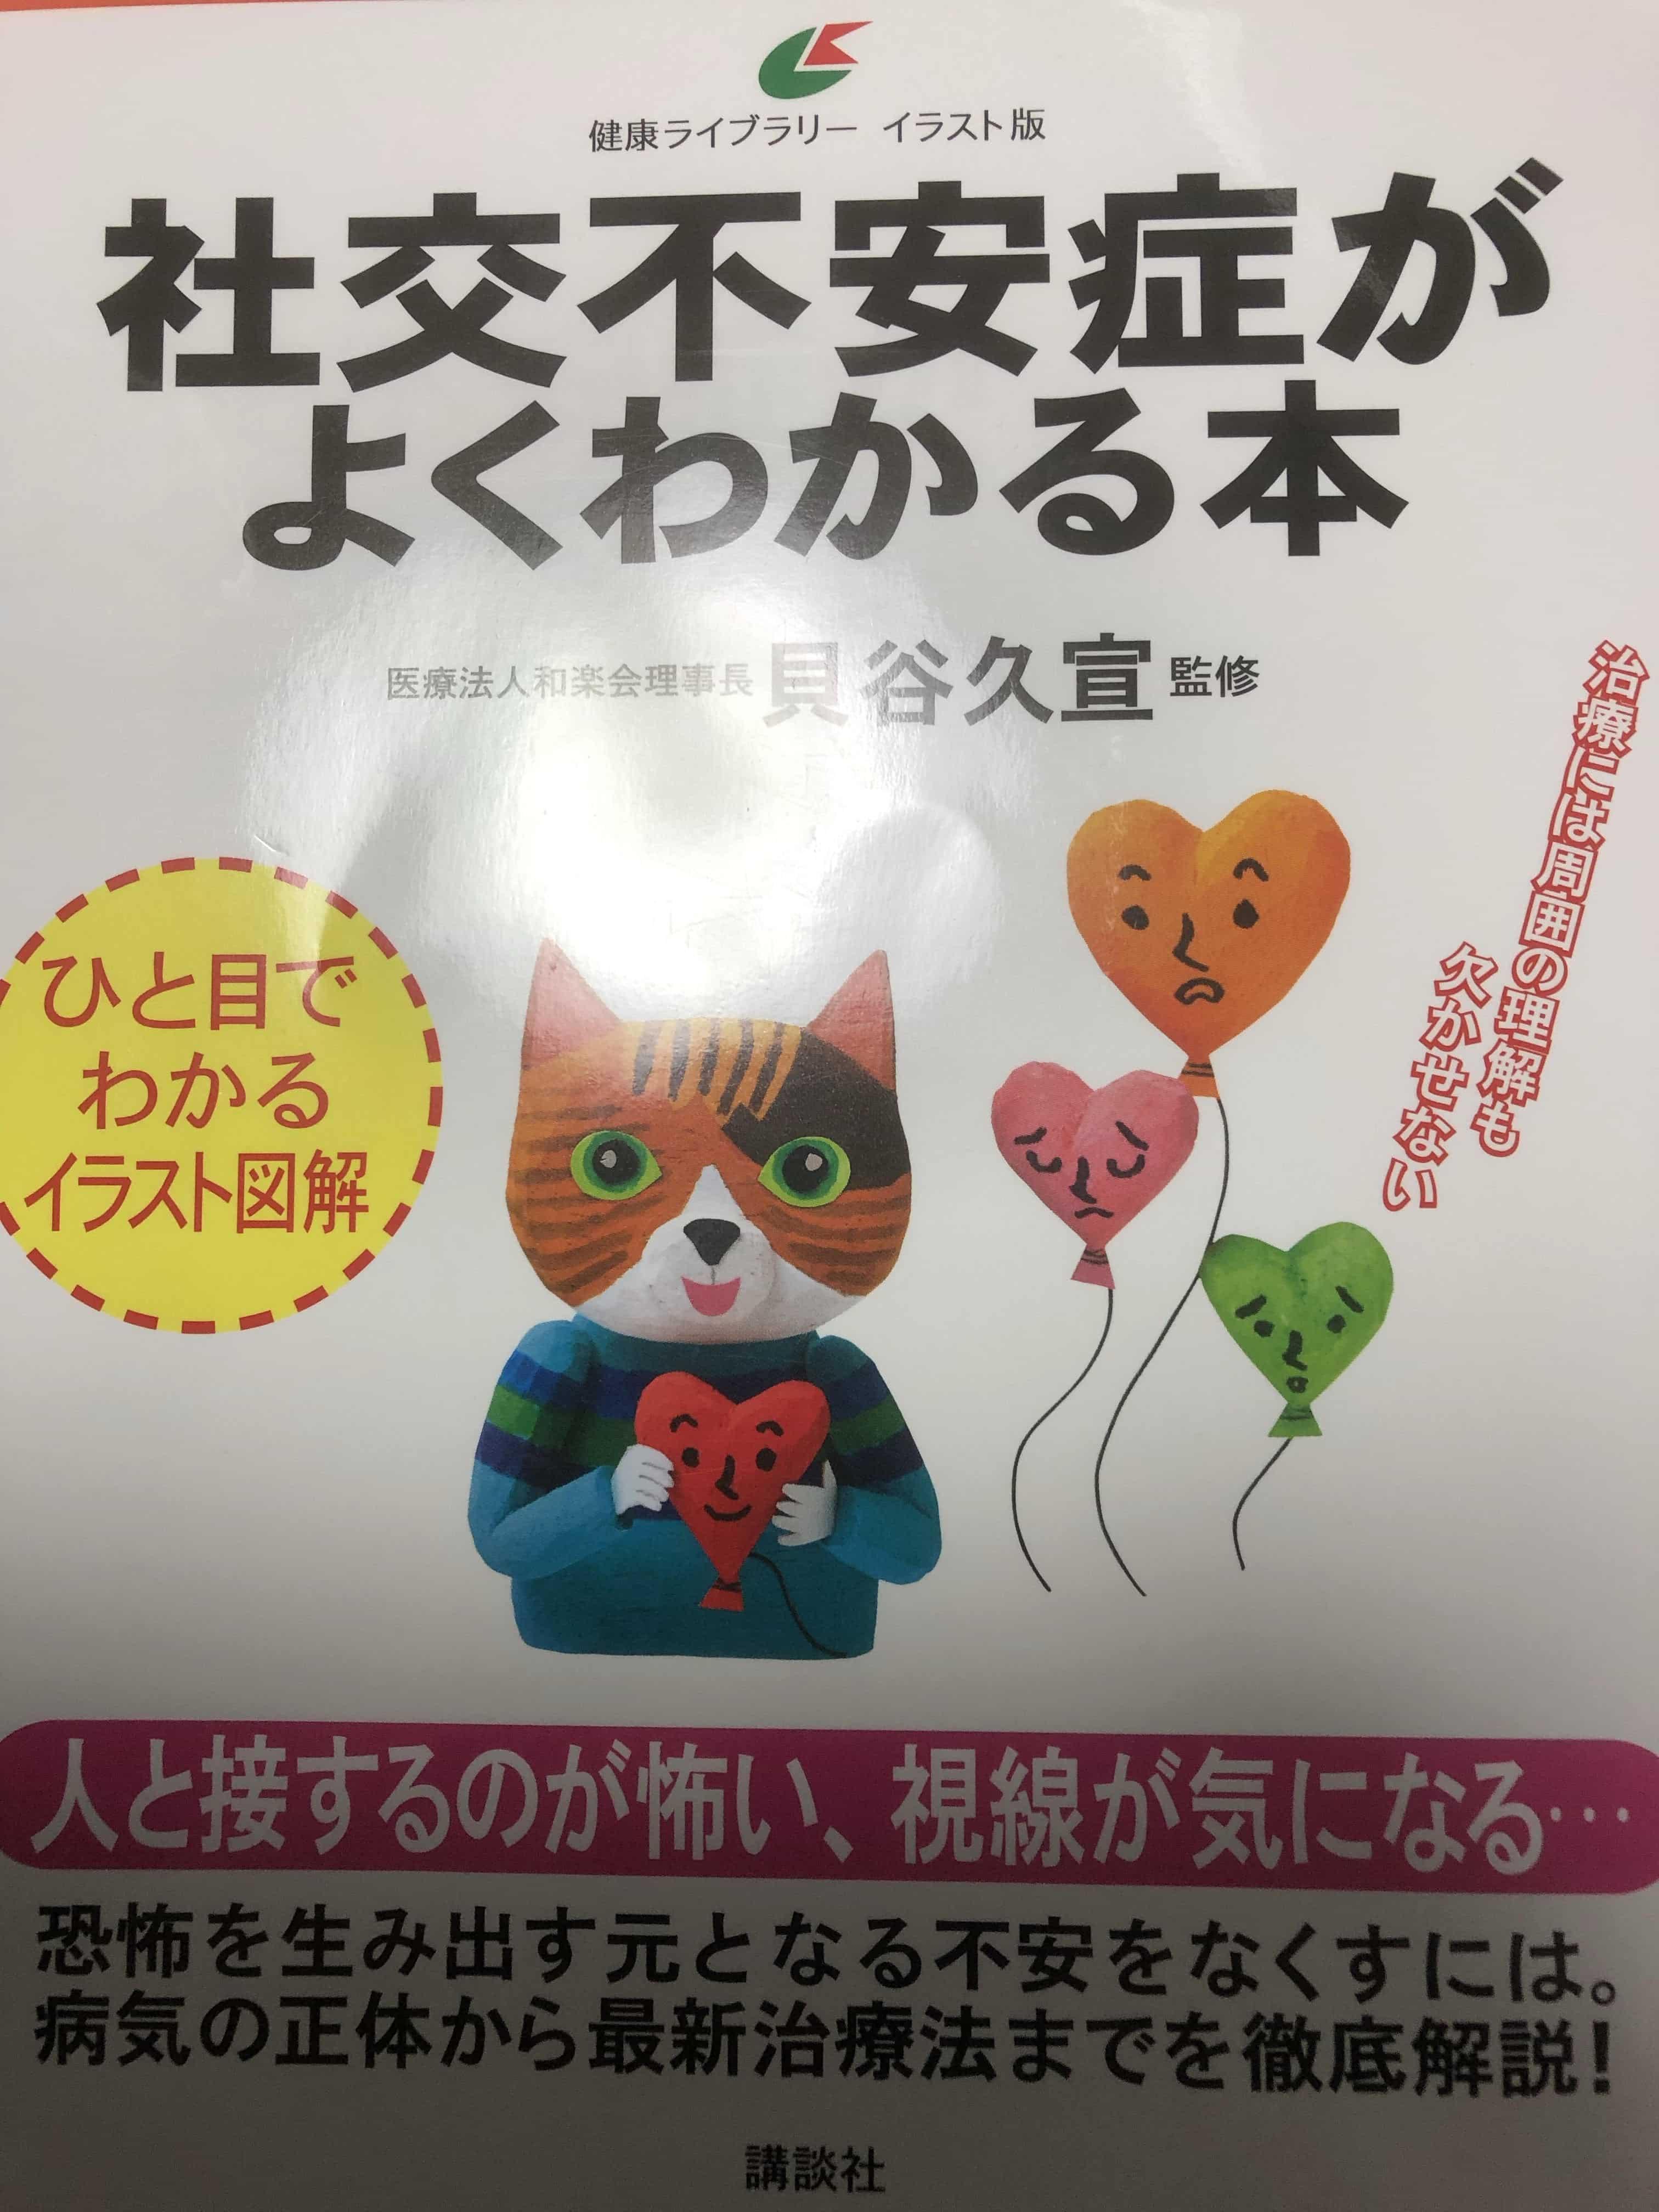 私が最初に買った本 「社交不安症がよくわかる本」